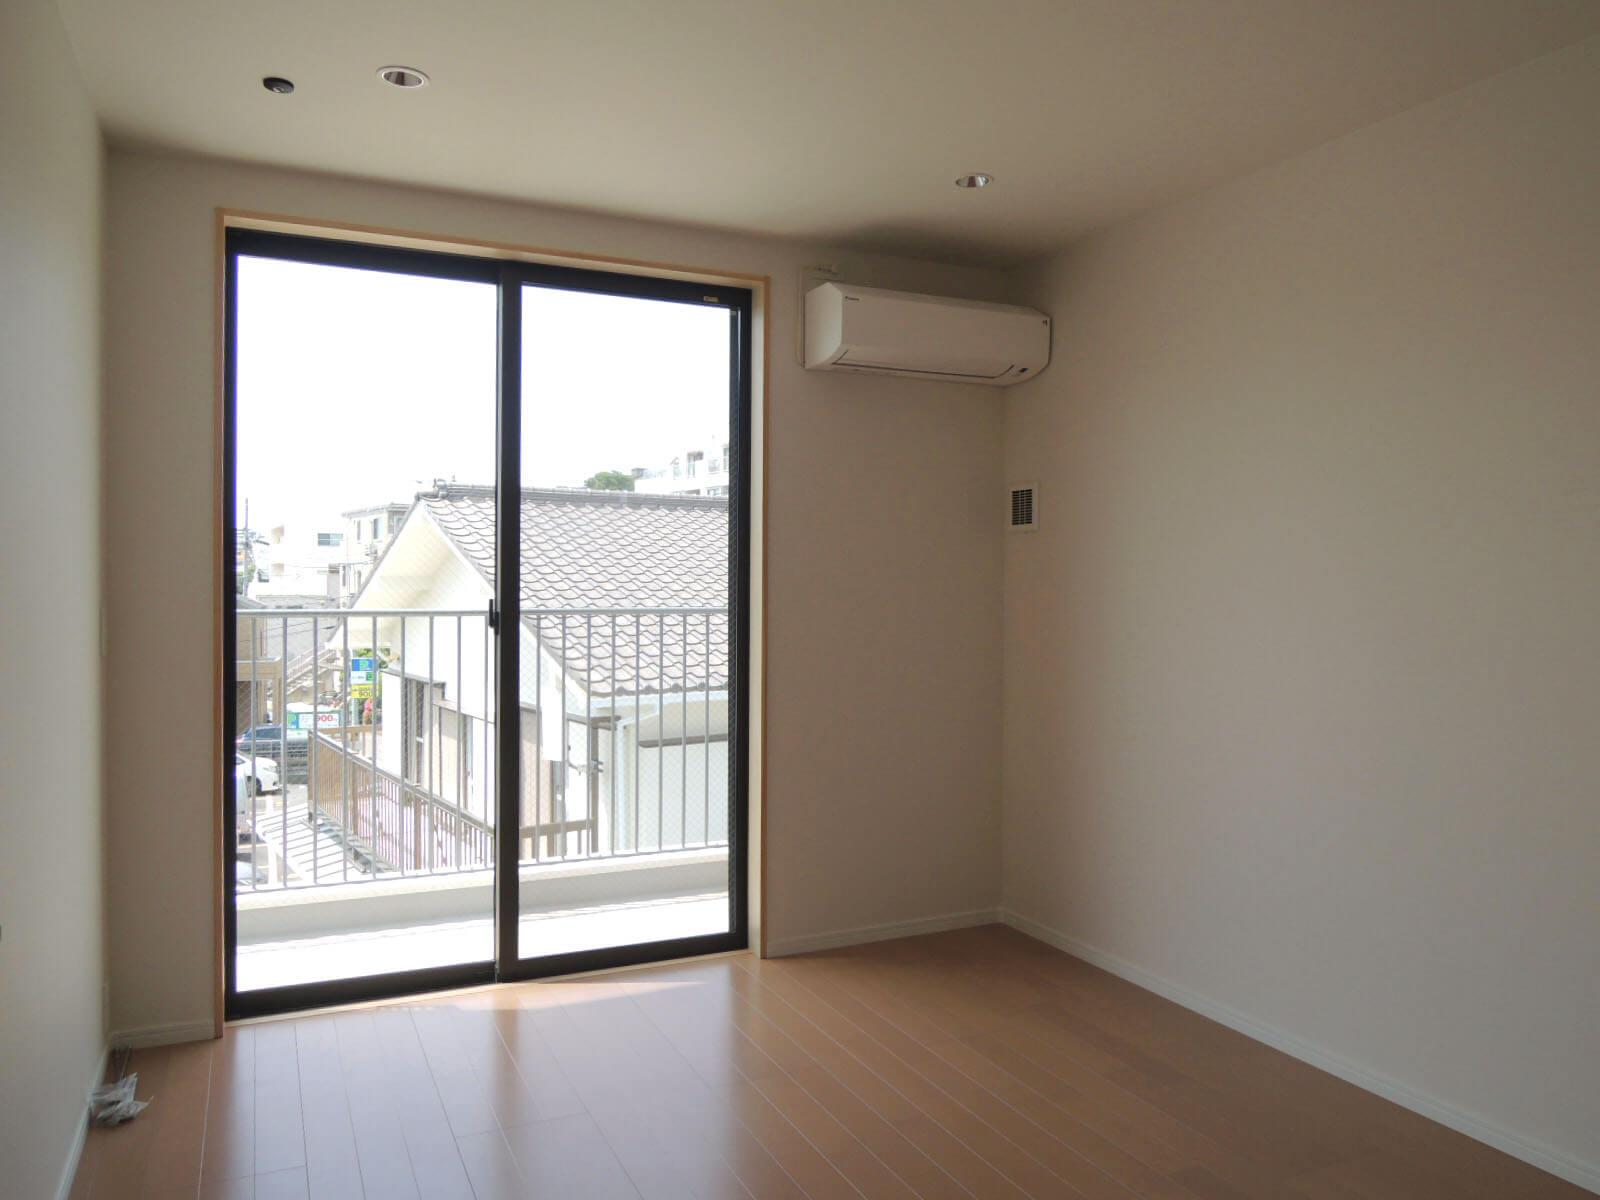 304: リビングから寝室まで眺めのいいバルコニーが繋がっています